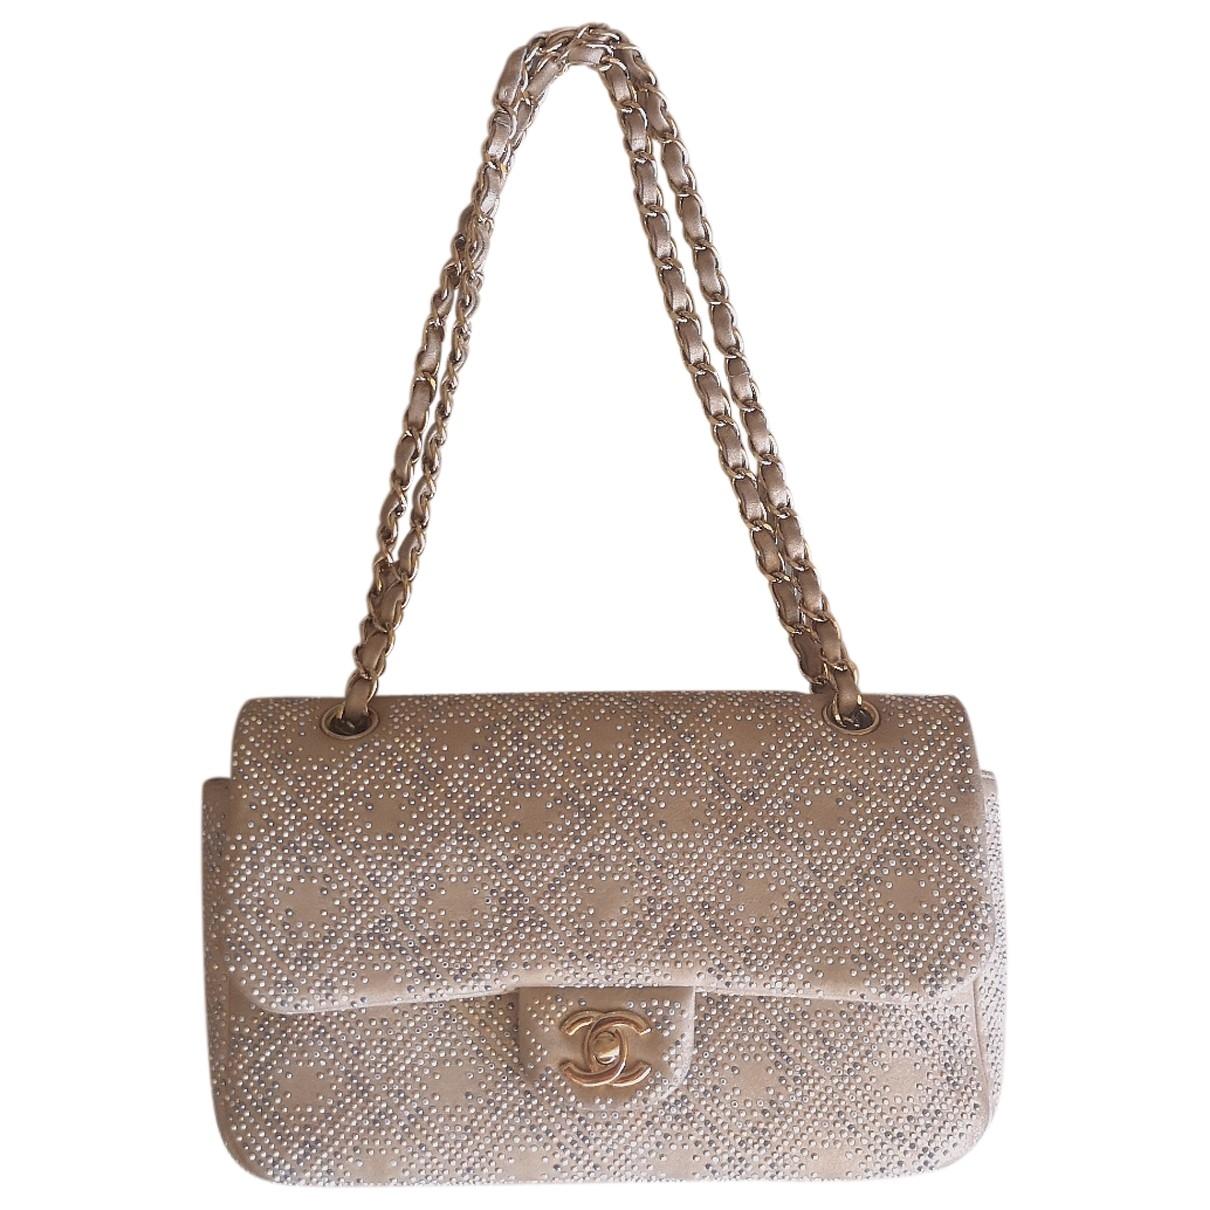 Chanel - Sac a main Timeless/Classique pour femme en cuir - dore